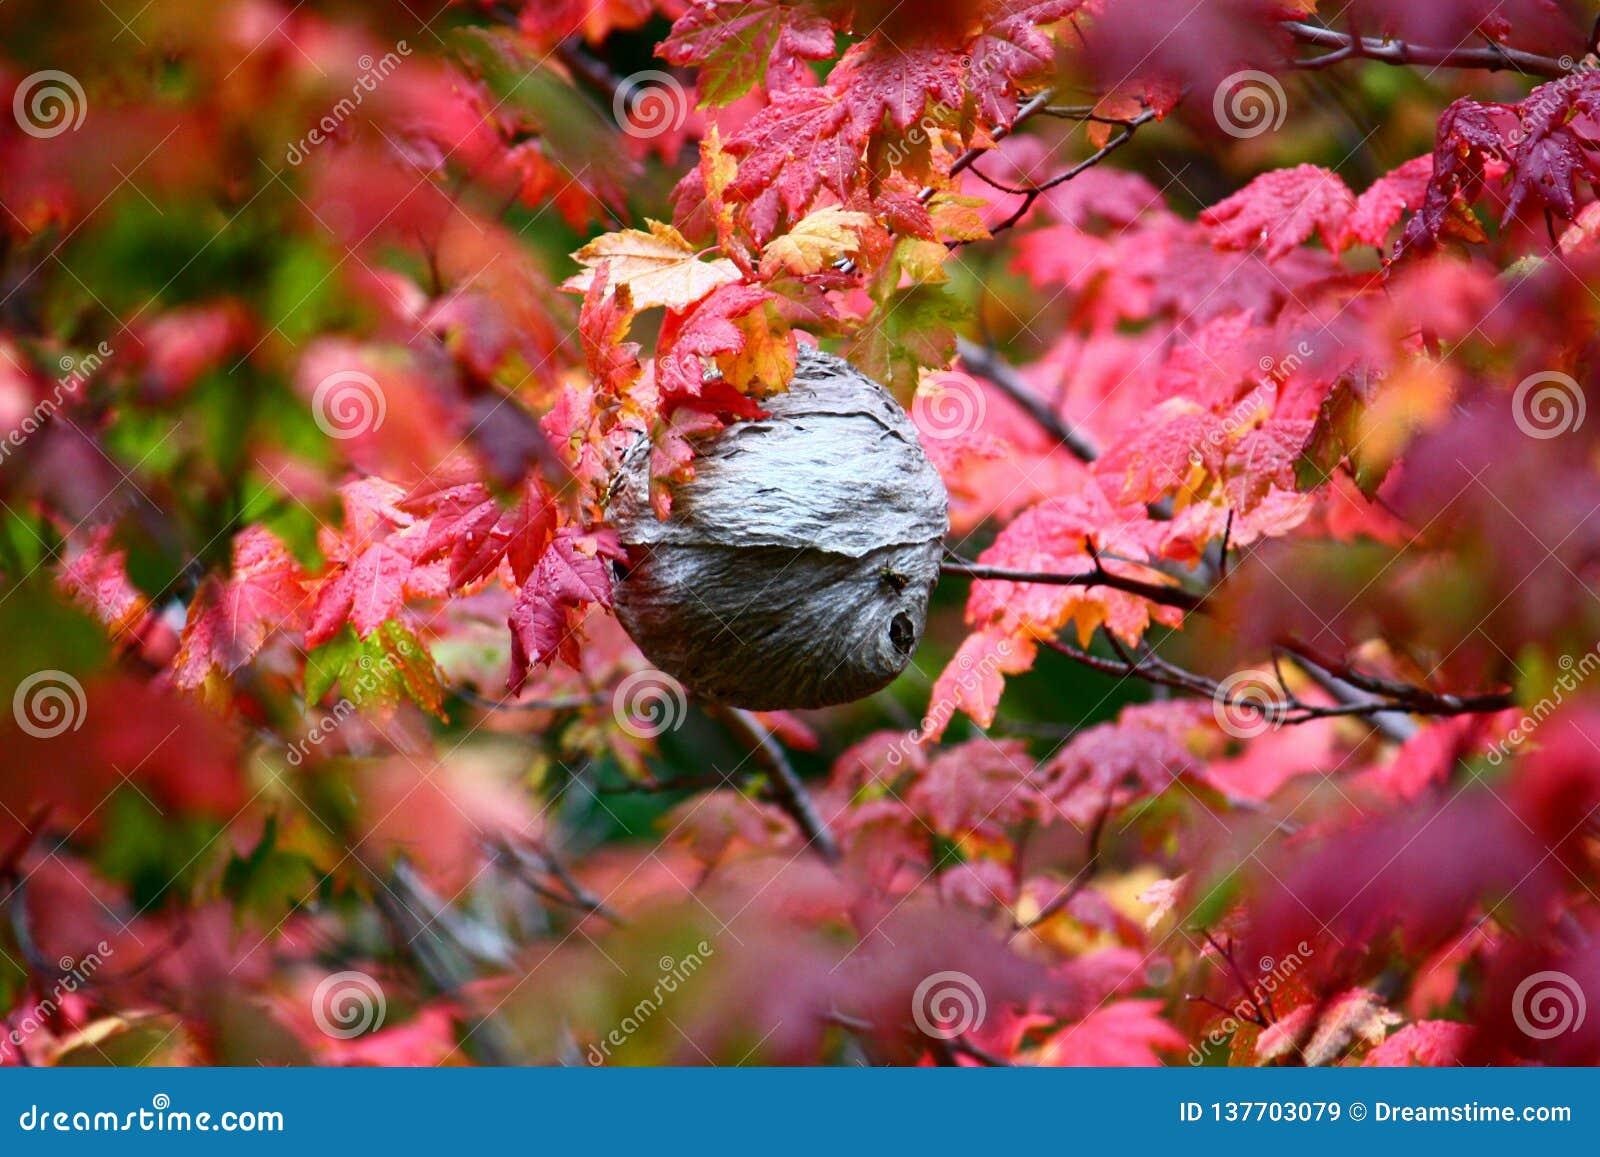 Jerarquía de la avispa de papel en el árbol de arce, Washington State